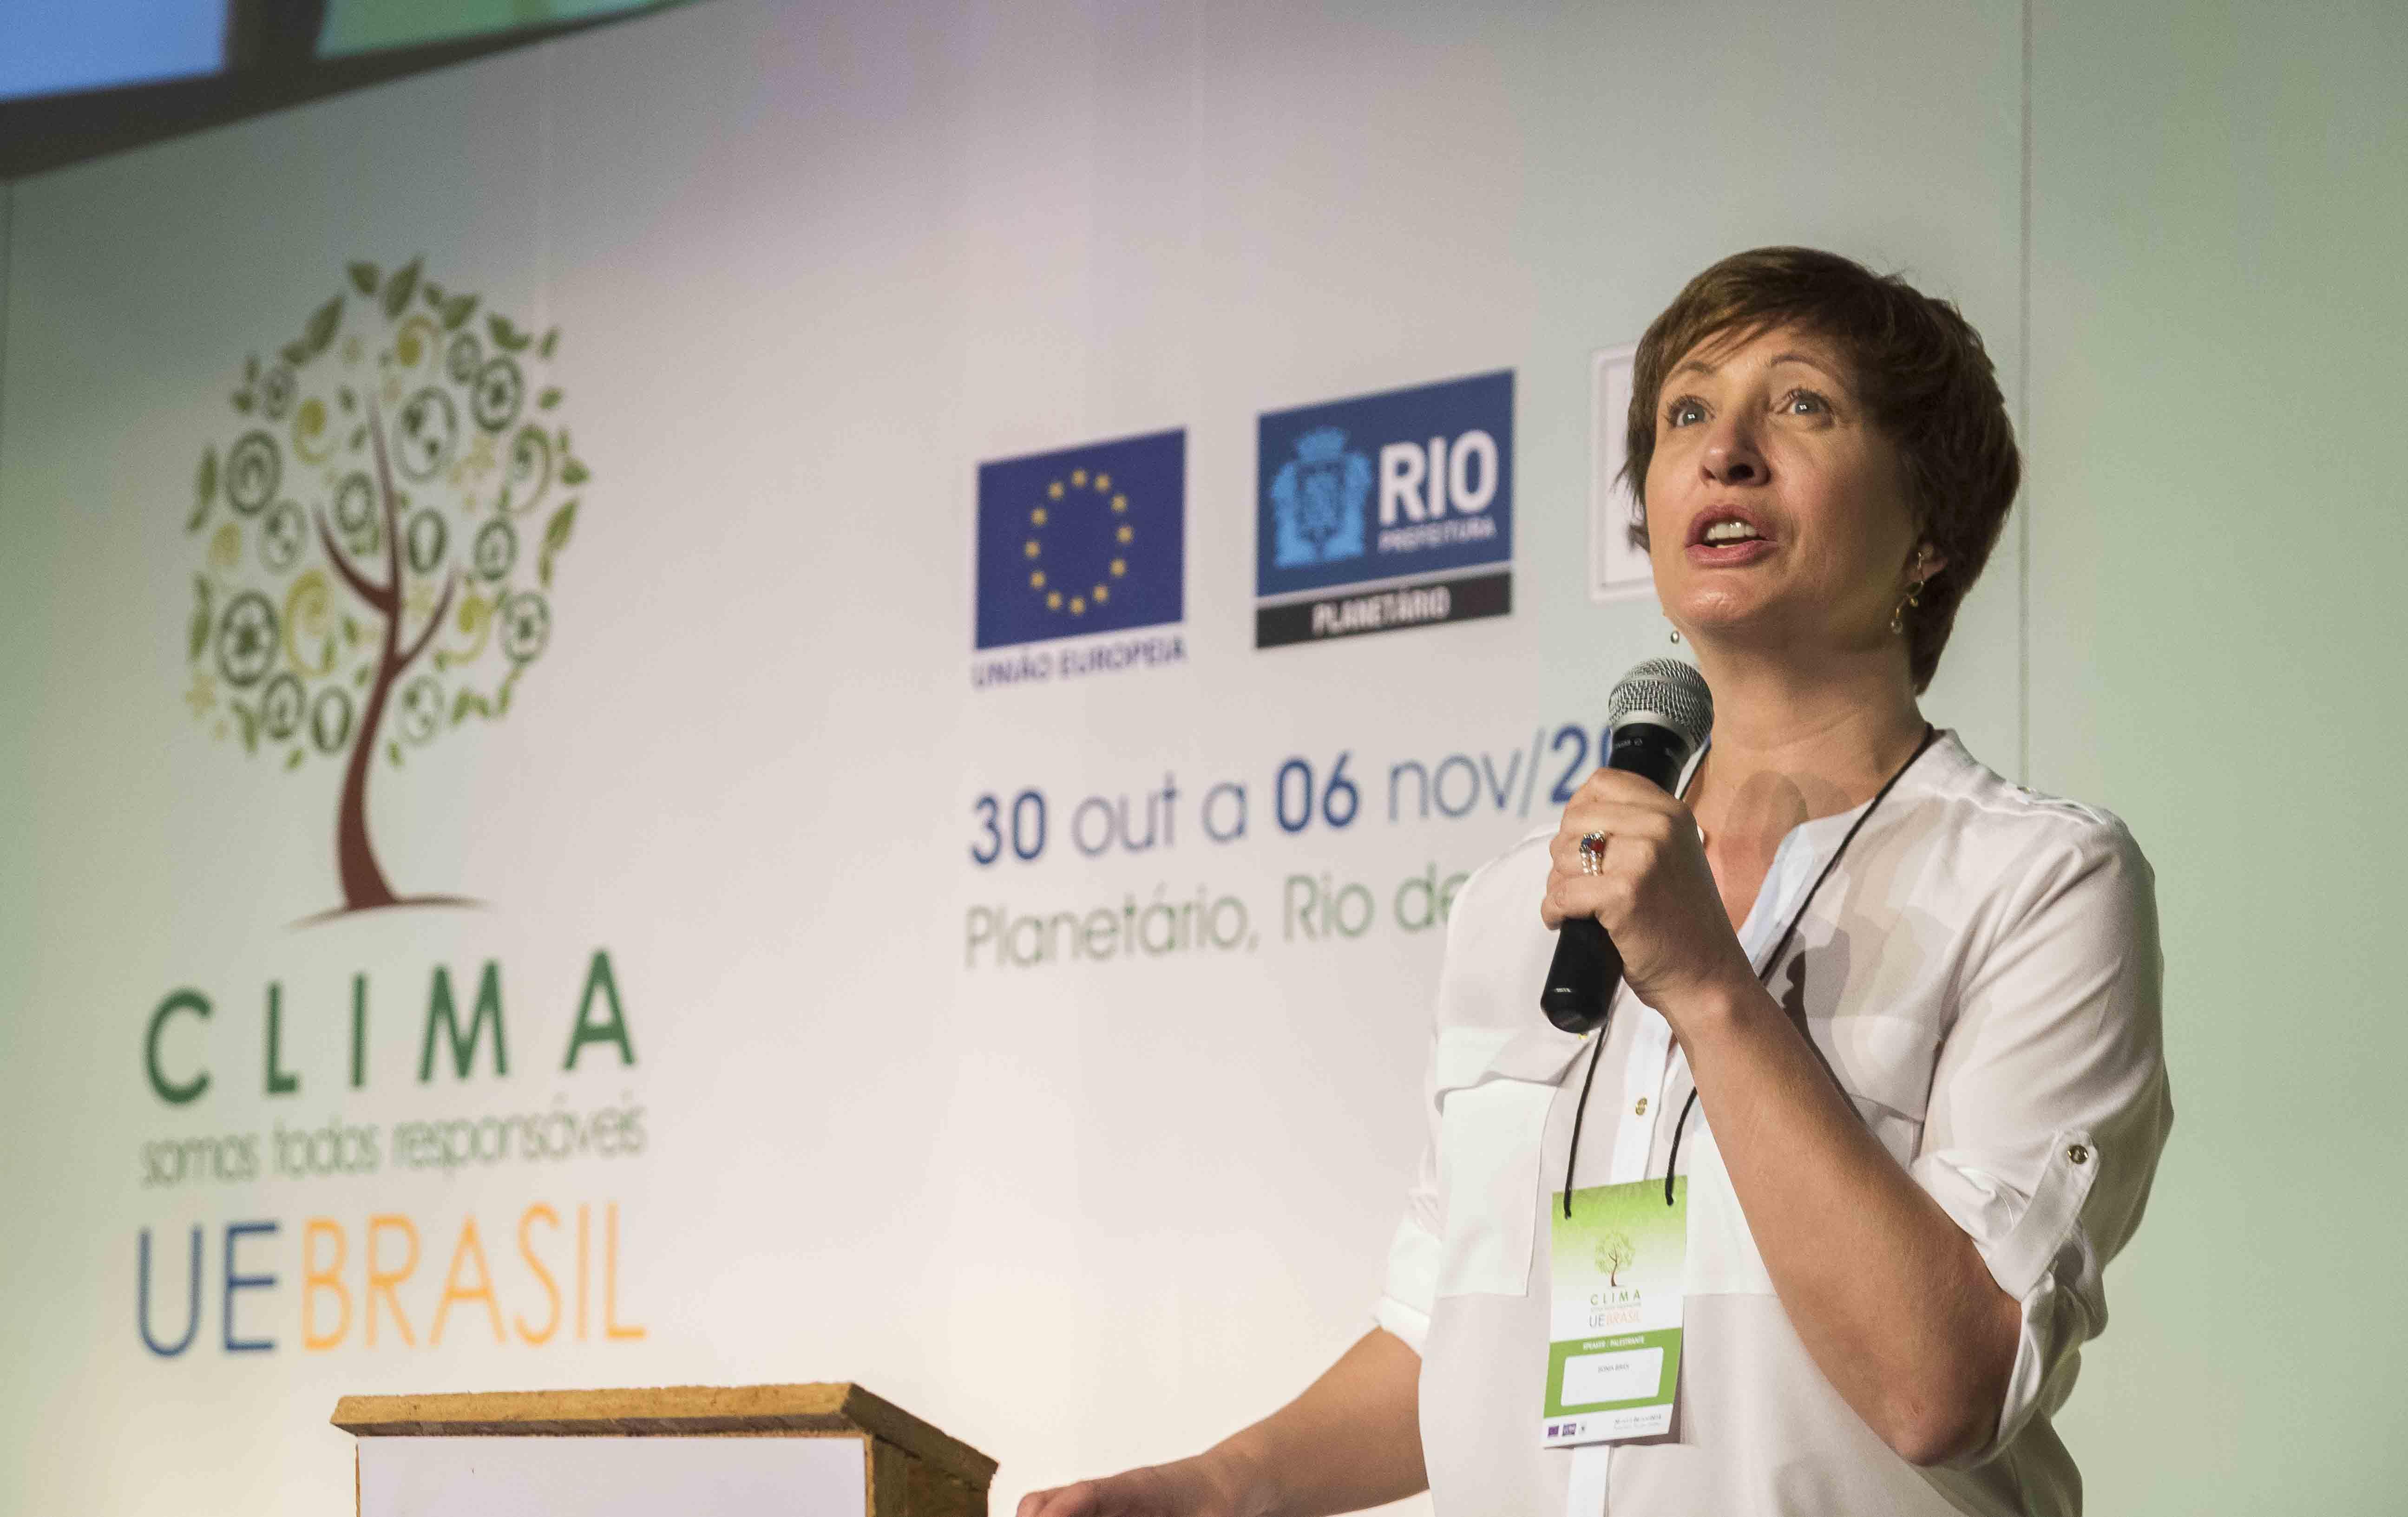 Sonia Bridi - Discurso